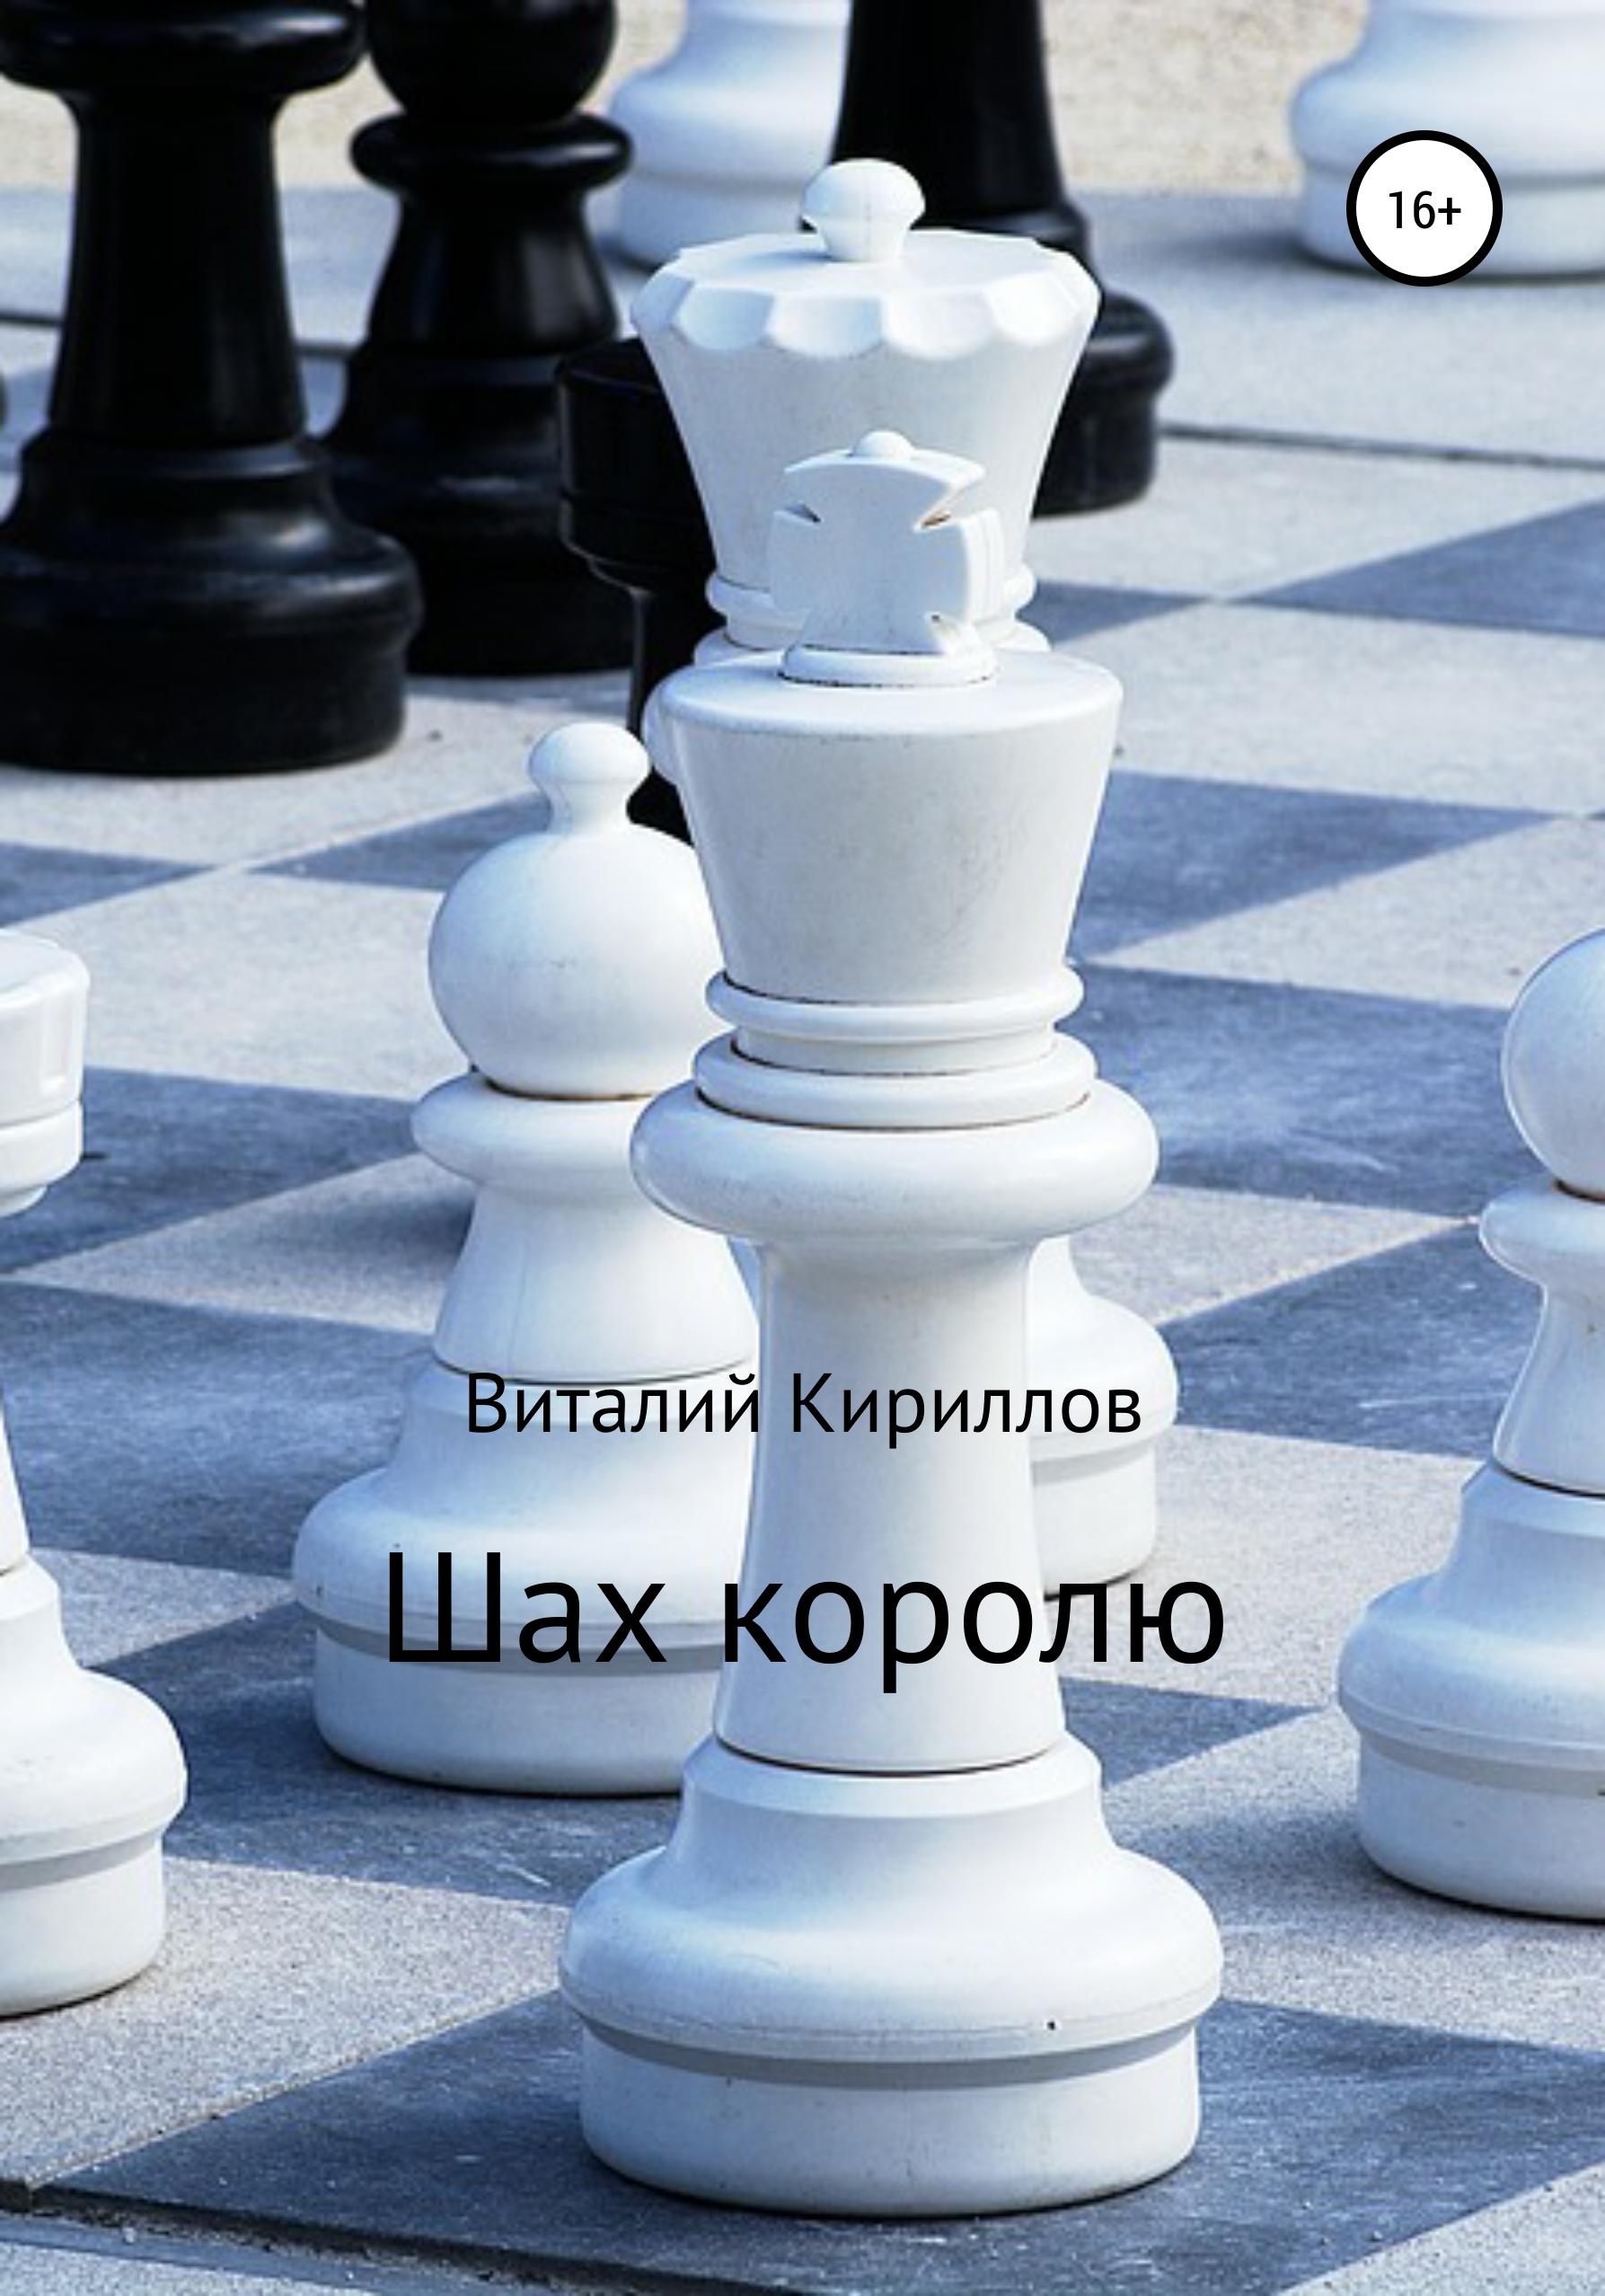 Виталий Александрович Кириллов Шах королю тимур саед шах фокус pocus